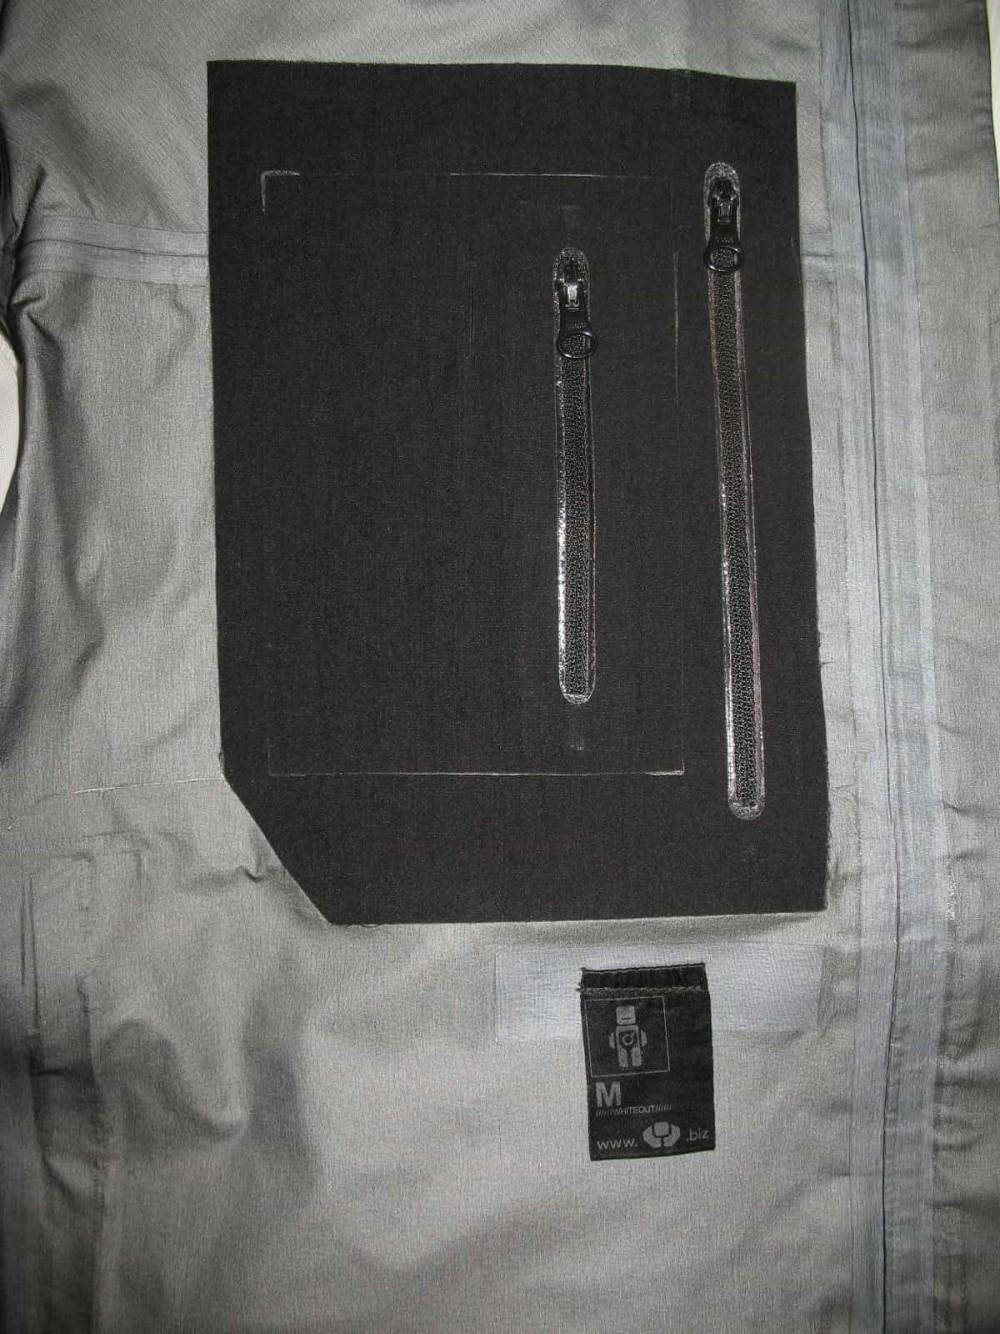 Куртка WHITEOUT by NORRONA cosmonaut hardshell jacket (размер M(реально L/XL) - 10